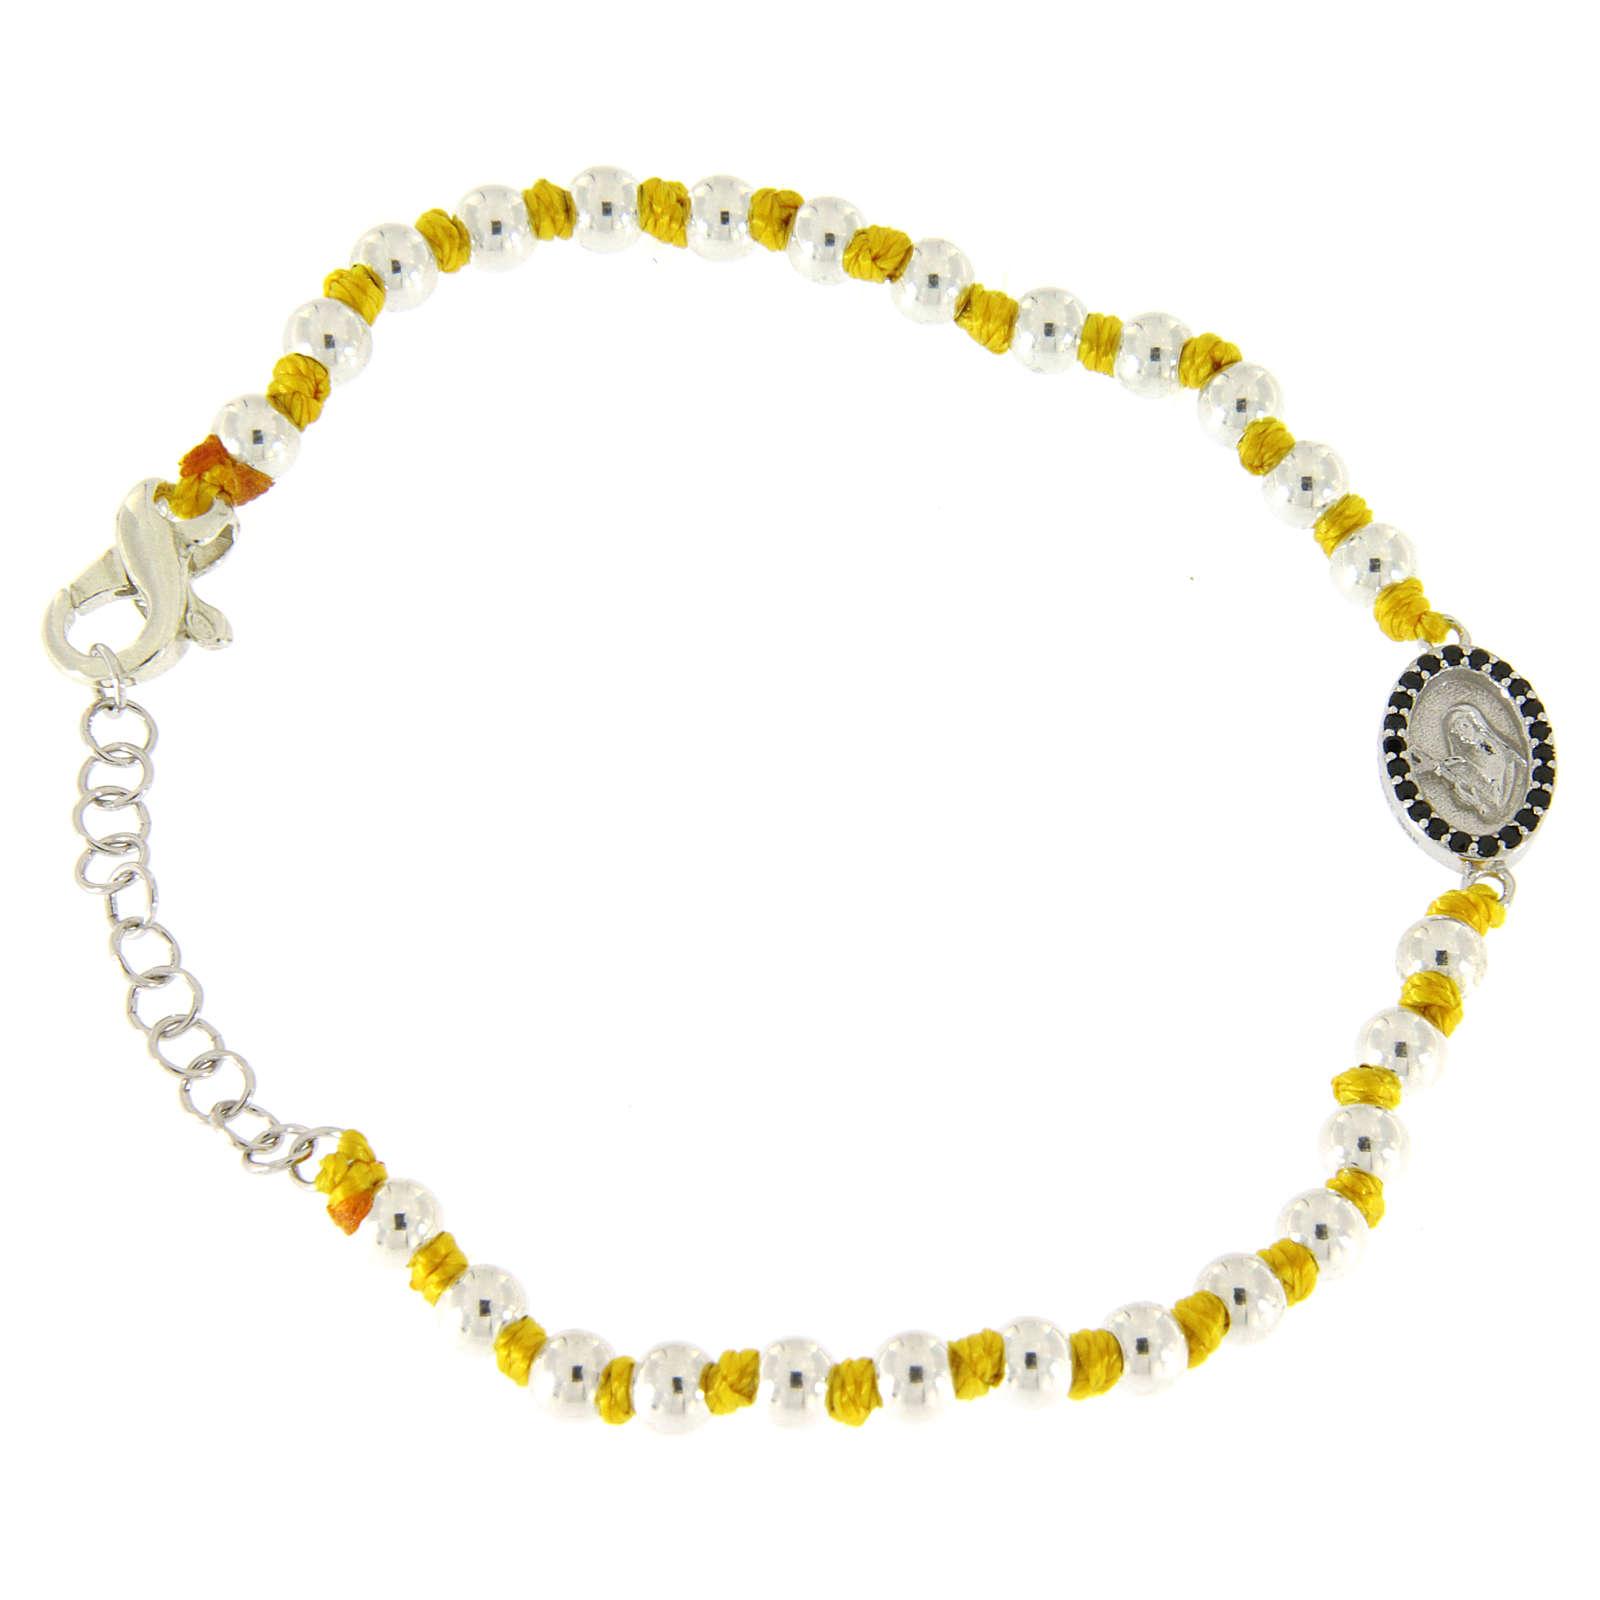 Pulsera pequeña medalla S. Rita zircones negros, esferas 3 mm de algodón amarillo con nudos 4